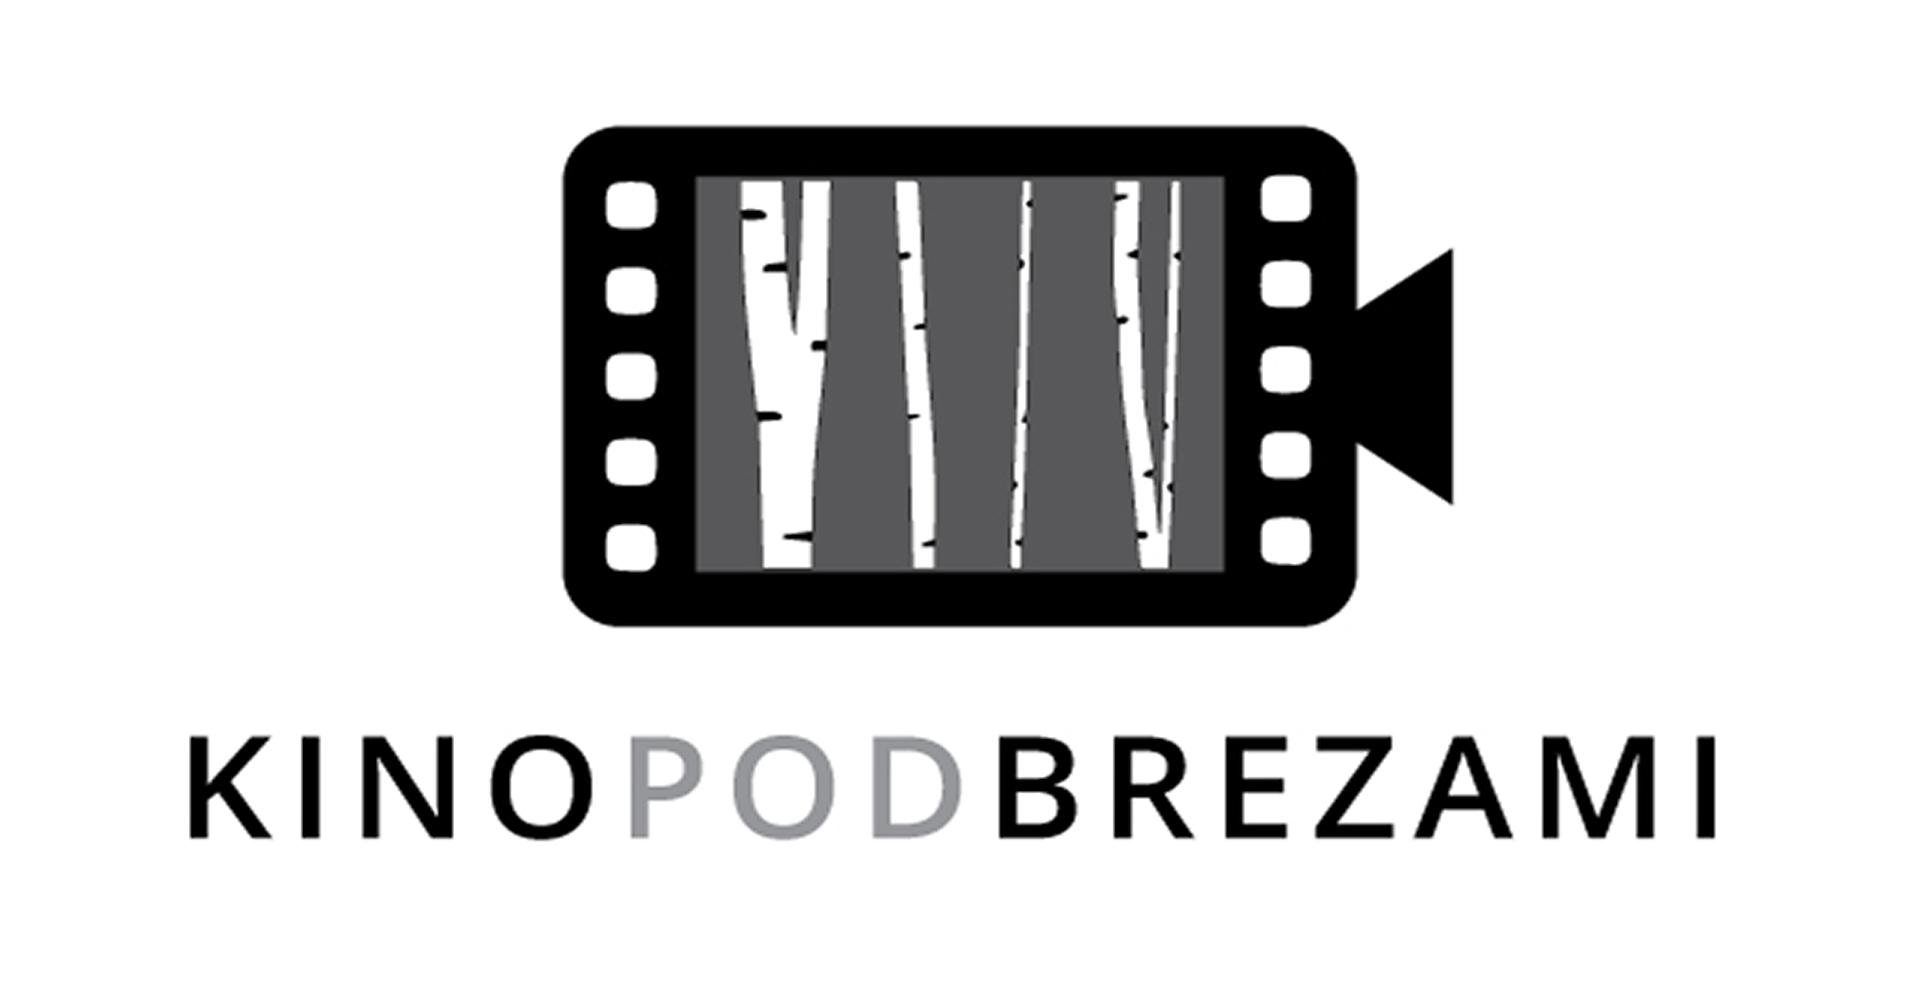 Kino pod brezami: NE POZABI DIHATI (slovenska intimna drama)